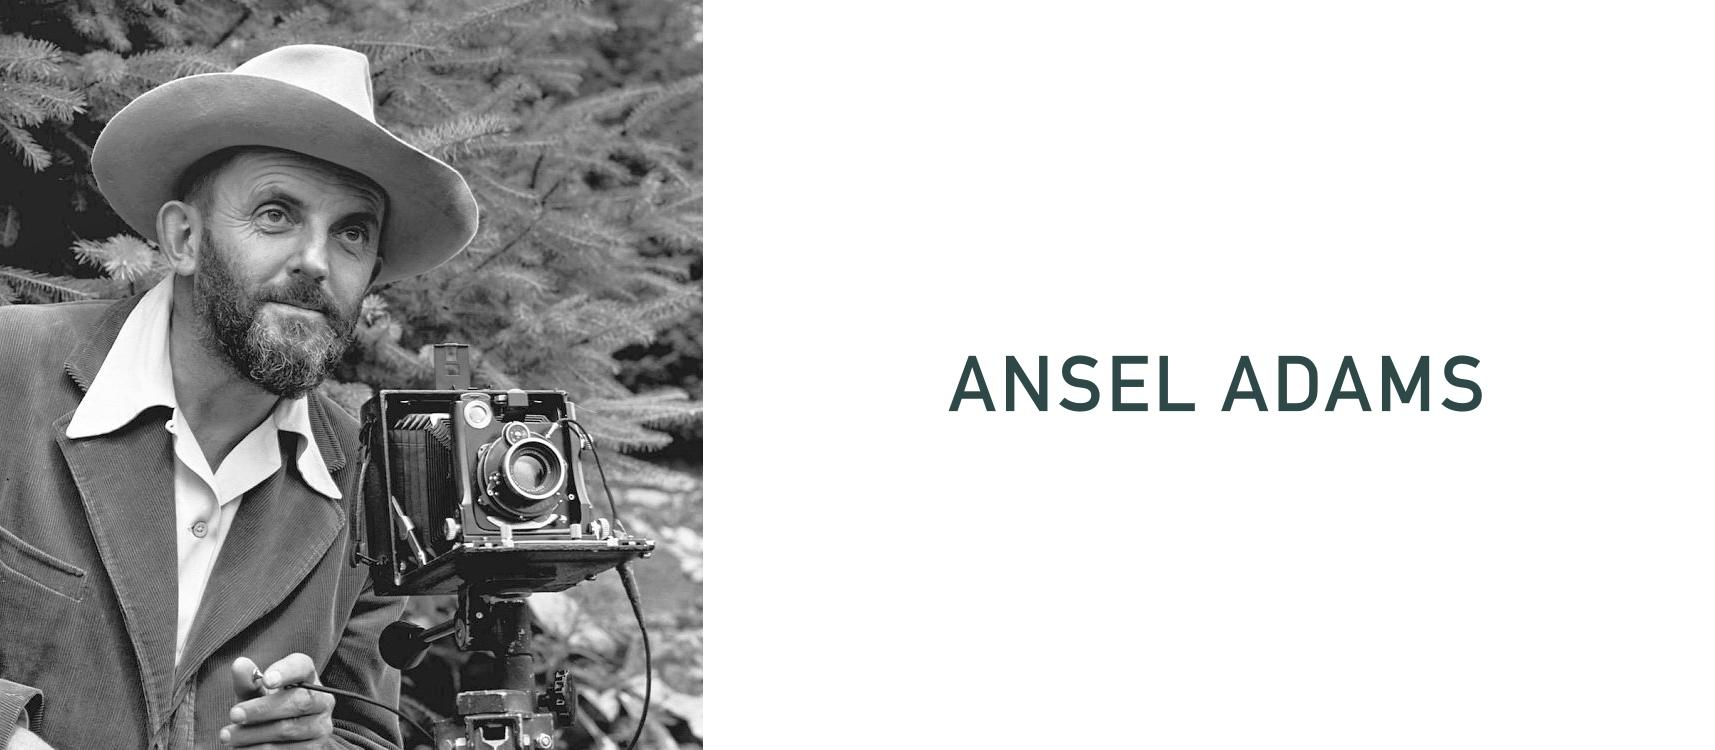 ansel-adams-4.jpg